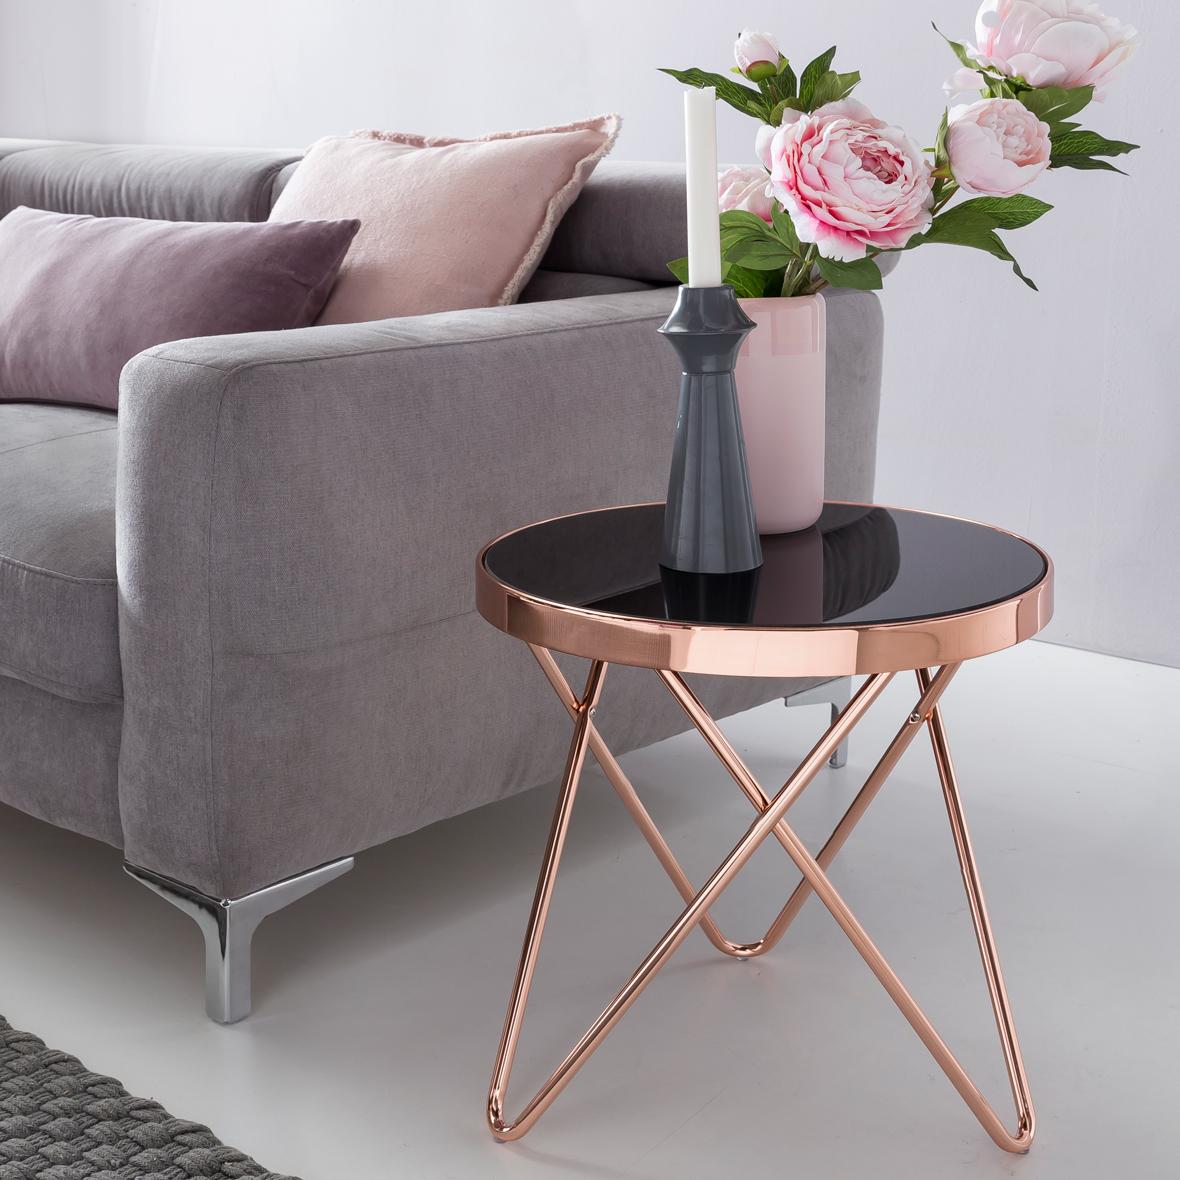 wohnling beistelltisch couchtisch tisch metall glas rund. Black Bedroom Furniture Sets. Home Design Ideas